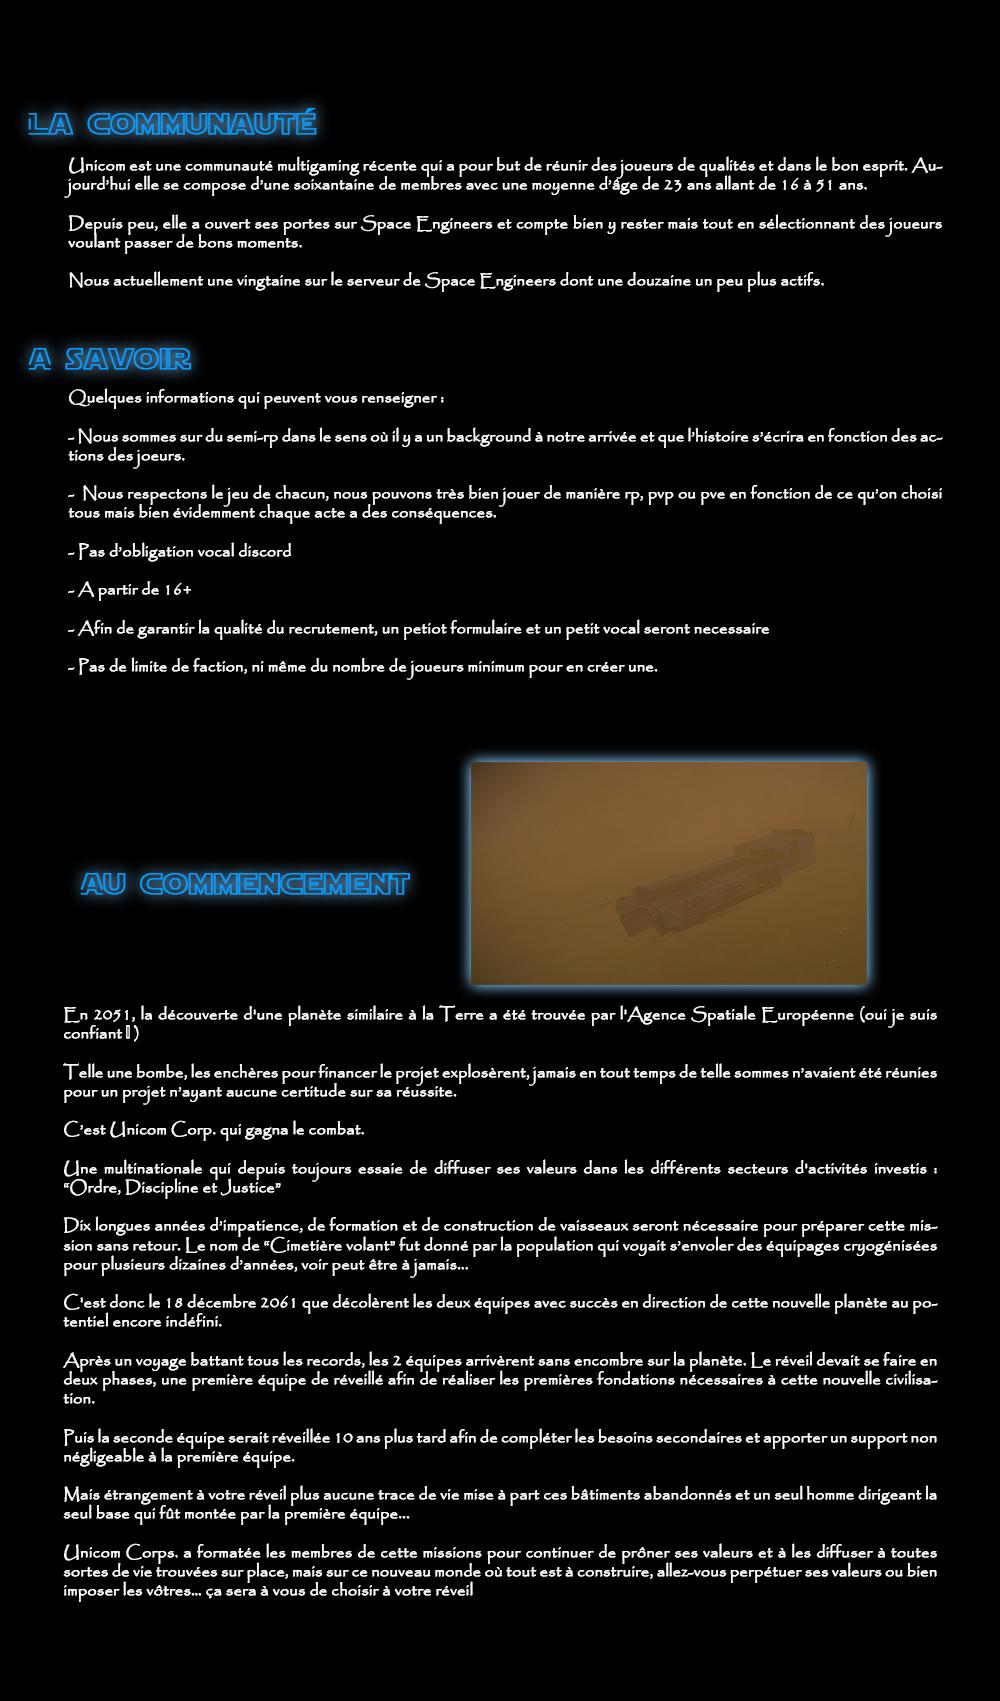 5f01de4b850d2-explication space top serveur.jpg